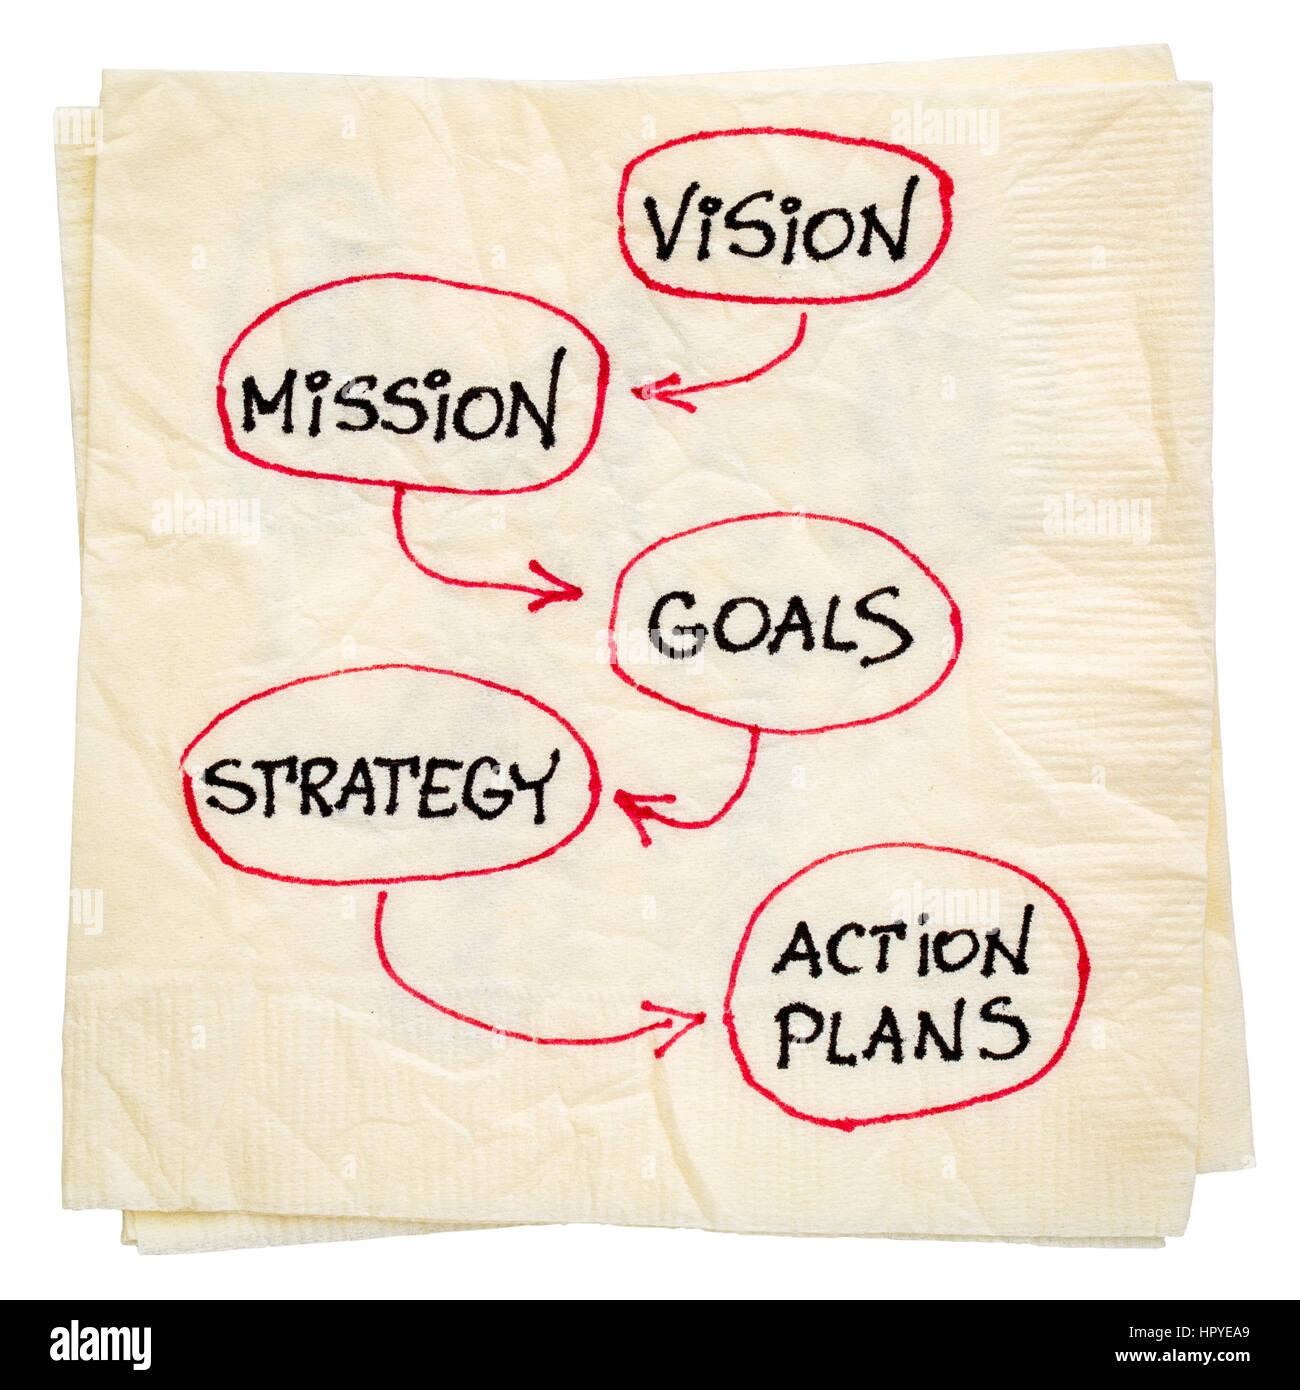 Vision, Mission, Ziele, Strategie und Aktion-Pläne - Diagramm Skizze ...